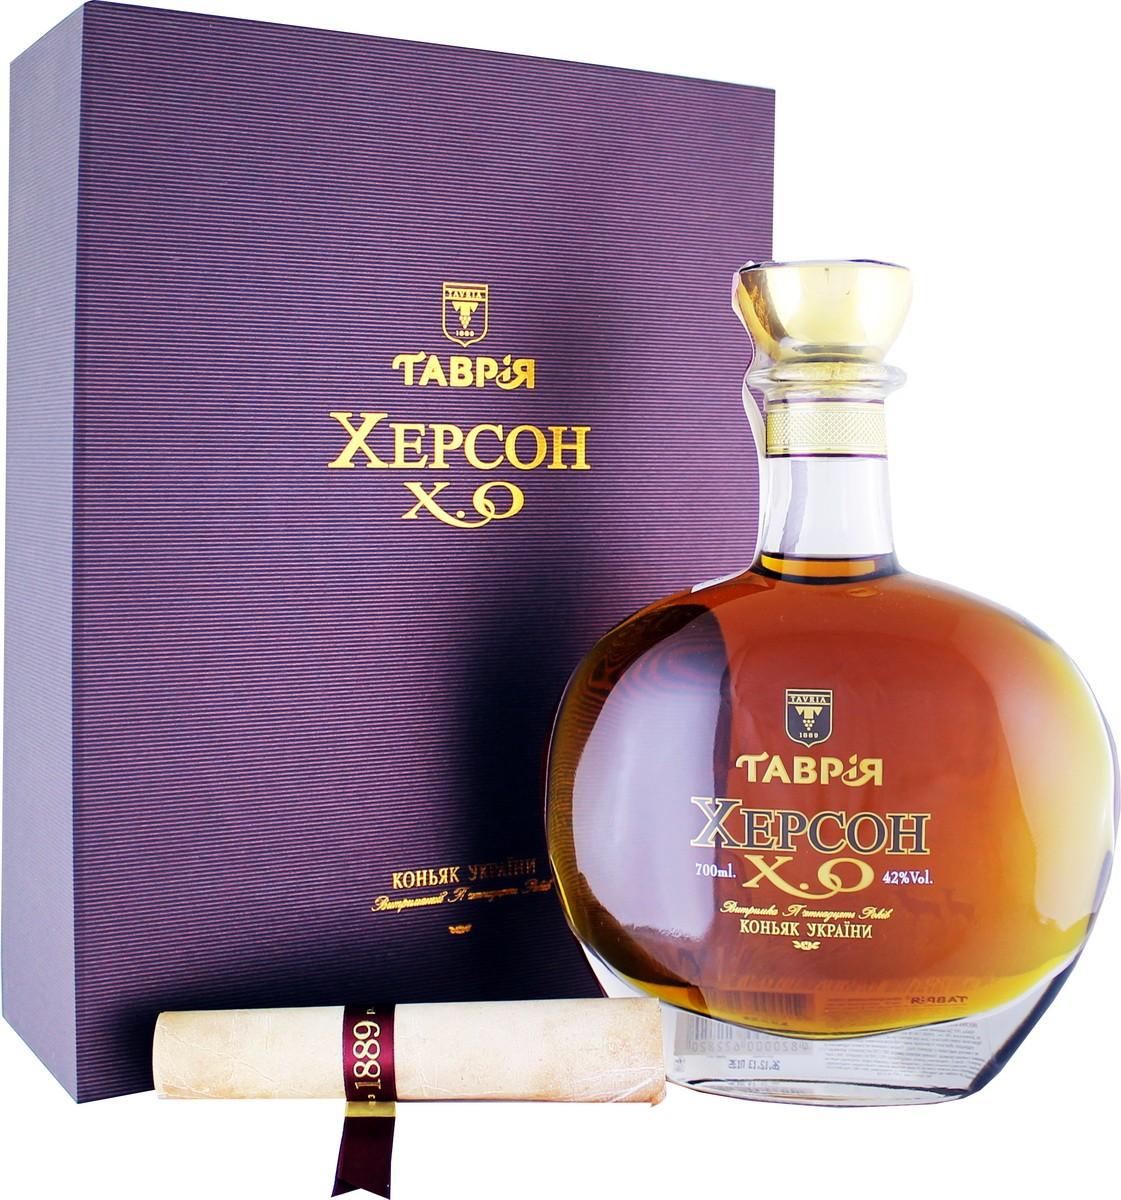 Таврия «Херсон» XO 15 лет (в коробке) фото